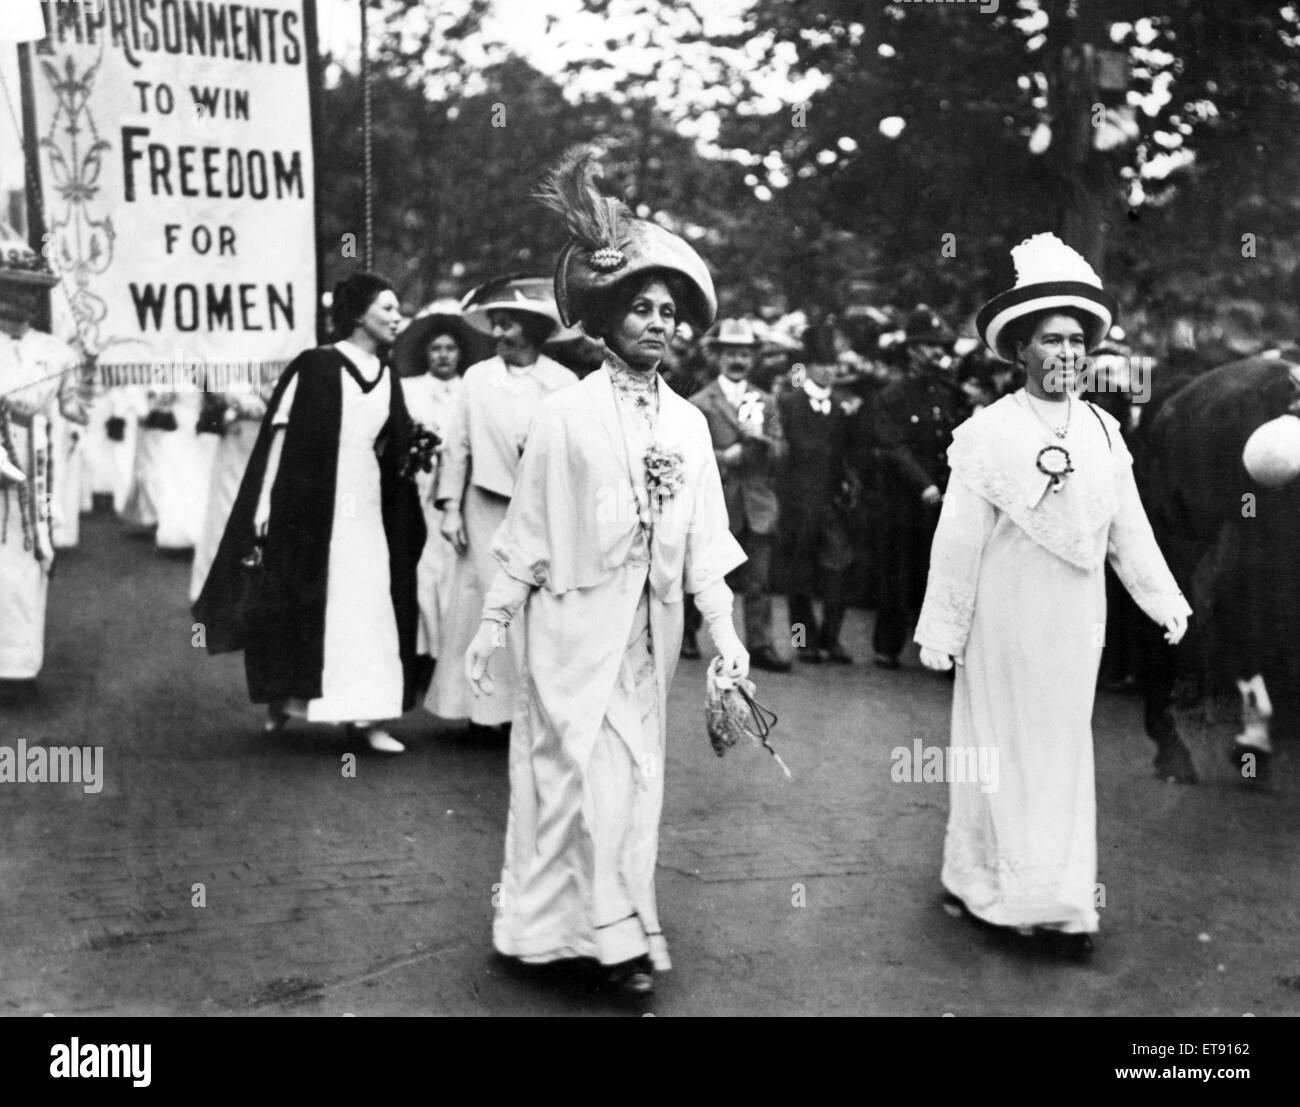 Dame Pethick-Lawrence (droite) et Mme Pankhurst mener une manifestation des suffragettes, Sylvain Pankhurst (en noir et blanc) suit derrière sa mère. Vers 1910. Banque D'Images